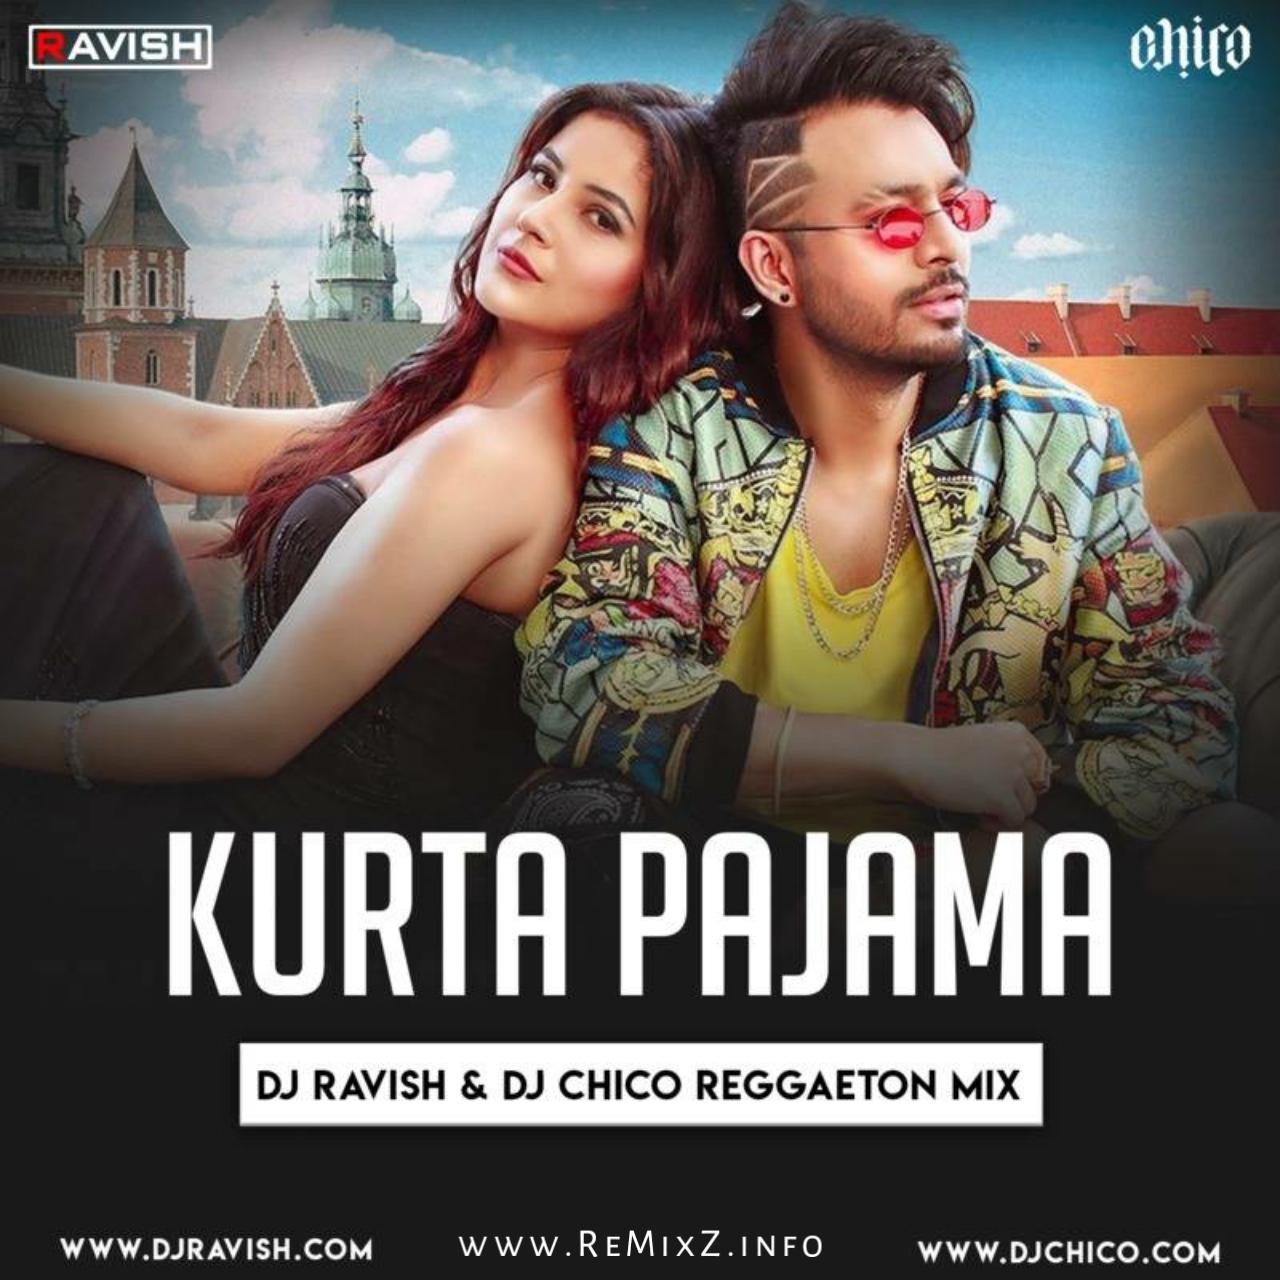 tony-kakkar-kurta-pajama-reggaeton-mix-dj-DJ-Ravish-DJ-Chico.jpg